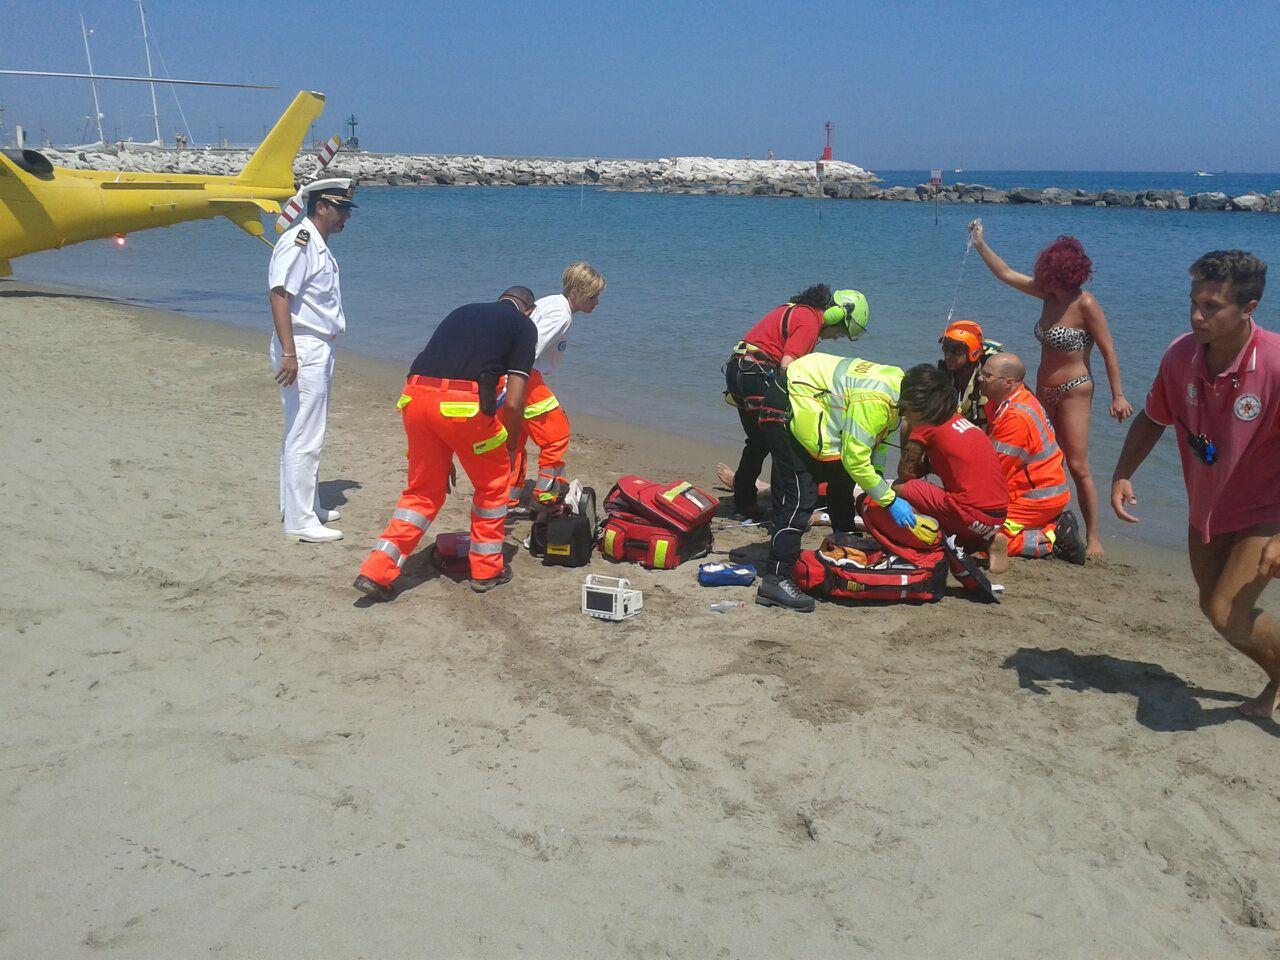 Ustionata da una medusa va in arresto cardiaco e rischia di annegare a San Vito Lo Capo